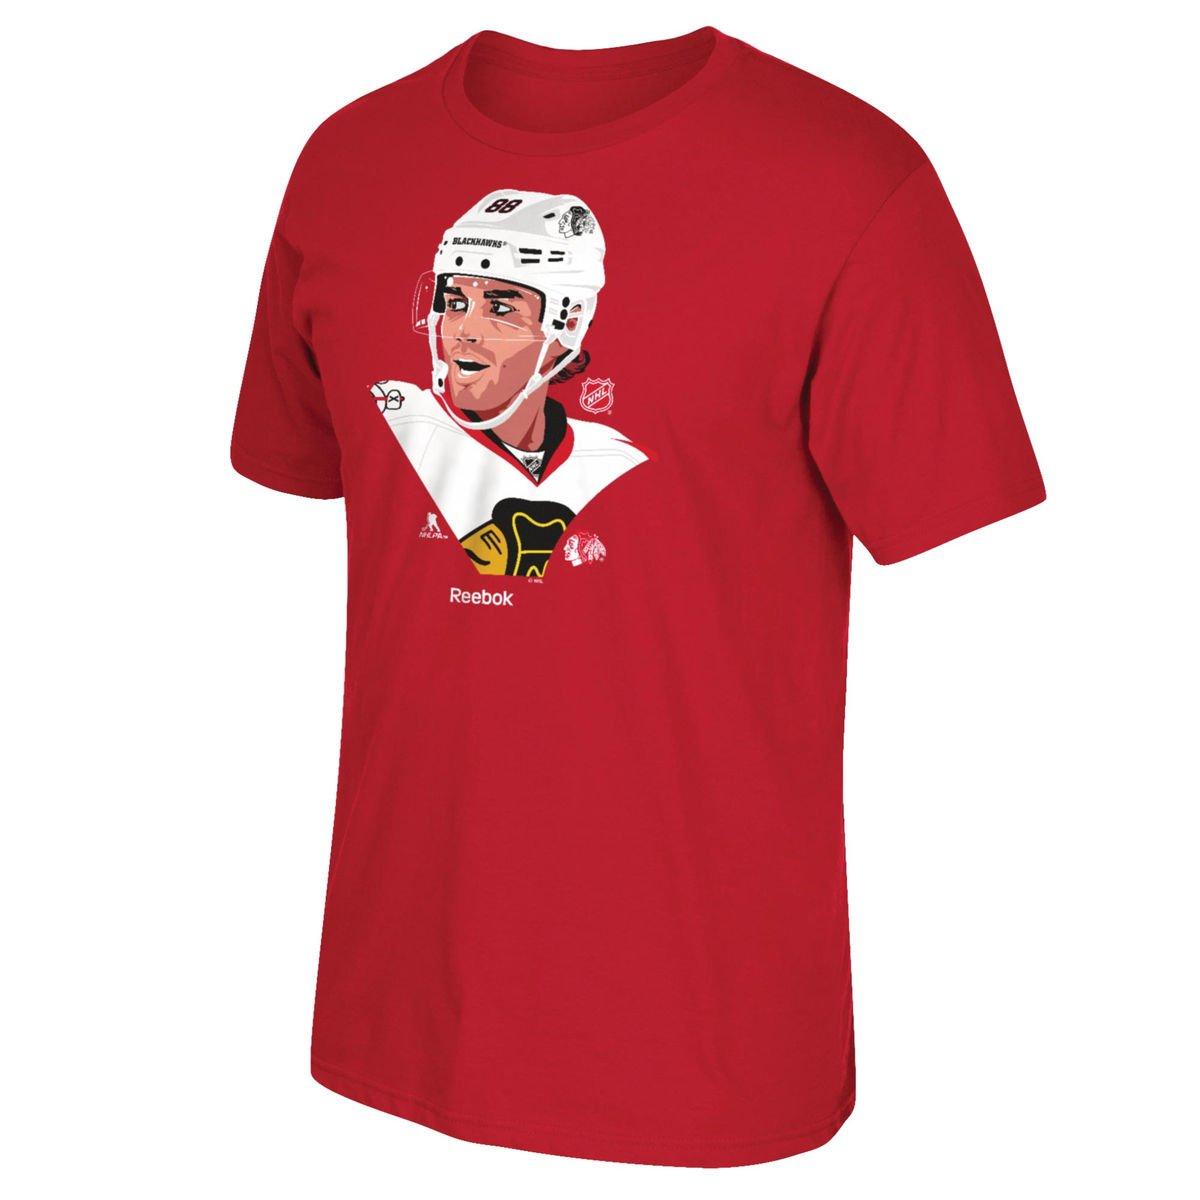 本店は Patrick Kane Player Chicago Blackhawks NHL Youth Portrait Player B071ZTB41G Portrait Tシャツ Small B071ZTB41G, タツノマチ:4218745e --- a0267596.xsph.ru